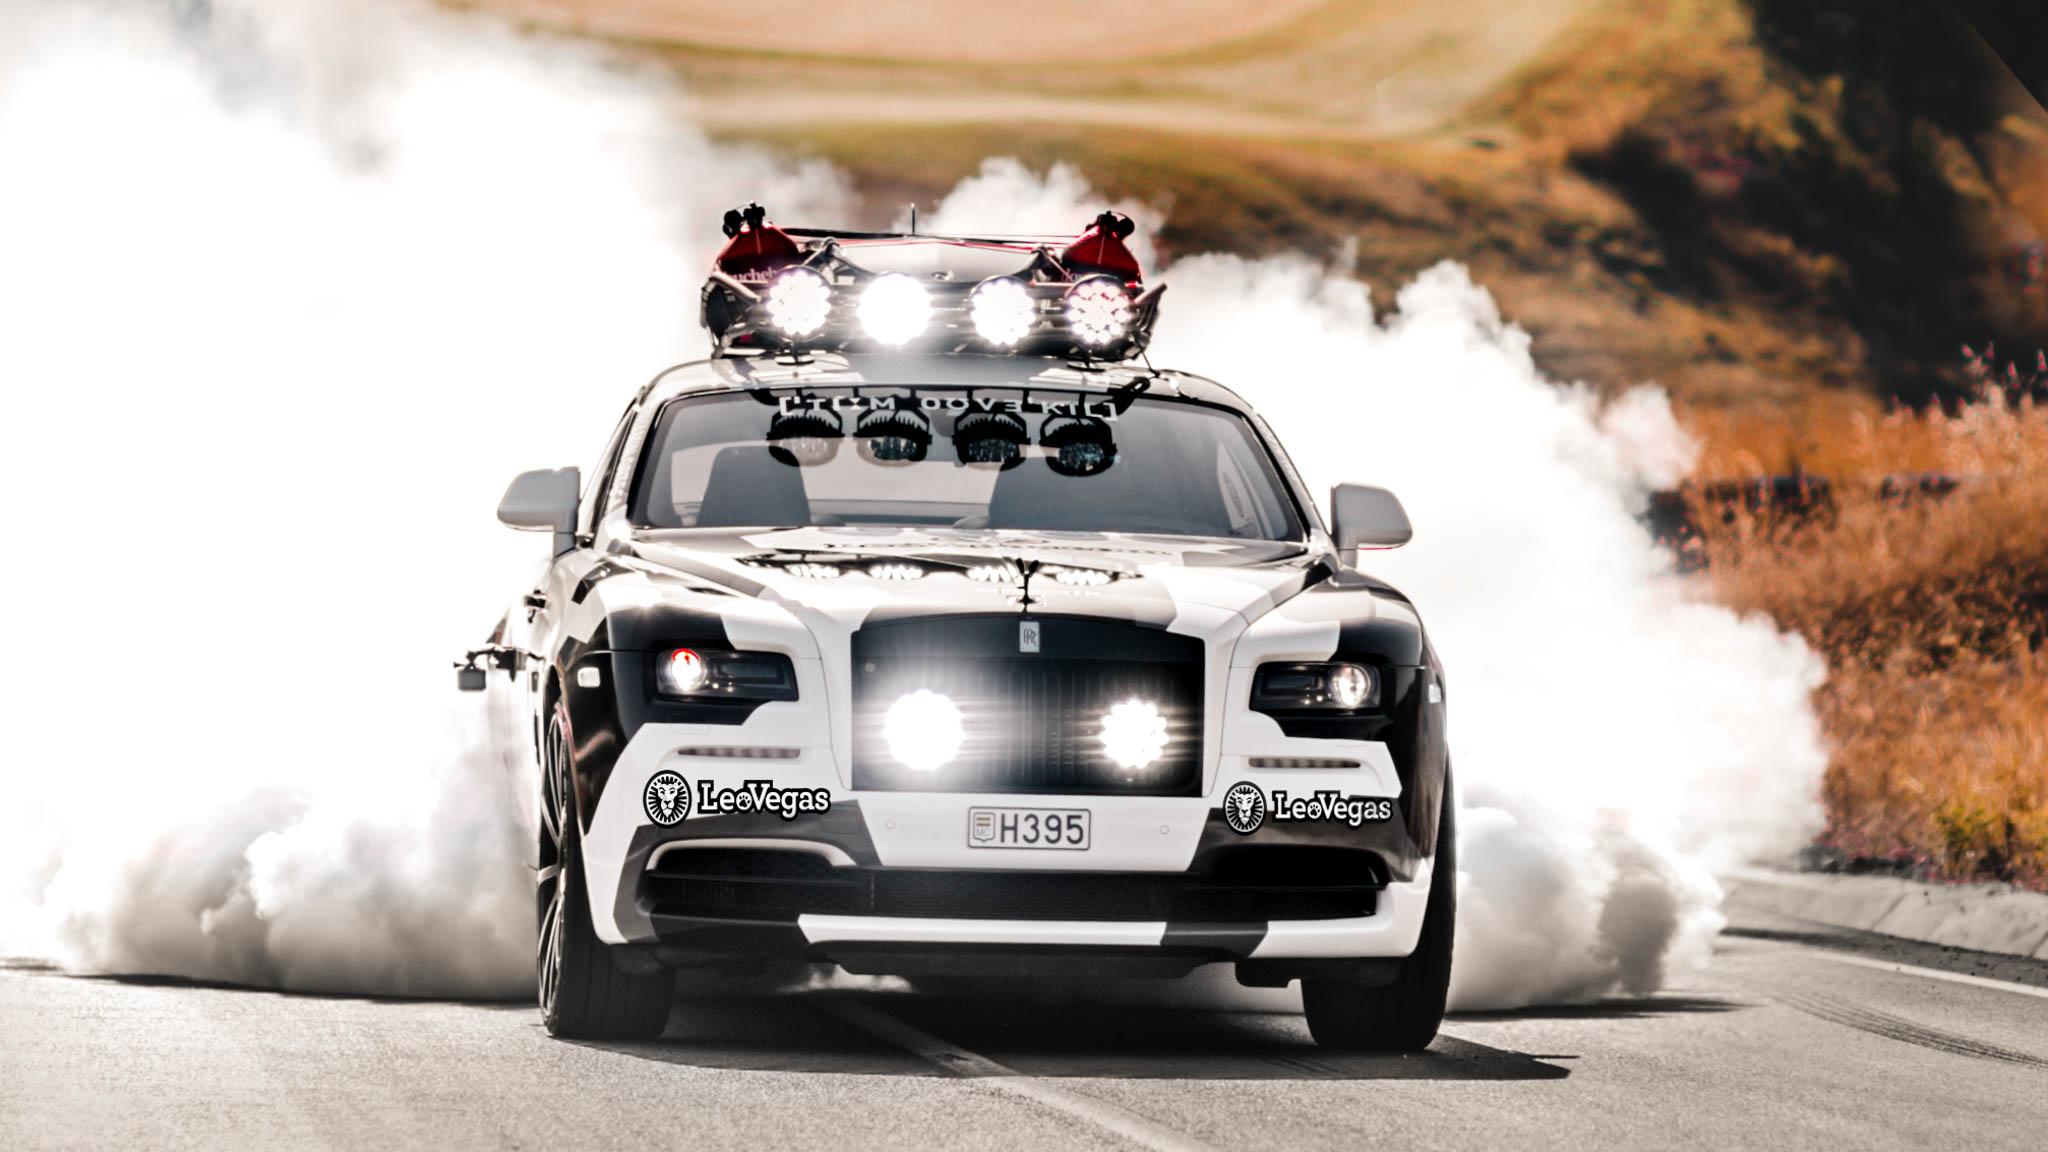 Джон Олссон – это человек, стоящий за эпическим 900-сильным RS6 «DTM», необыкновенным Rebellion R2K или более поздним и феноменальным Lamborghini Huracan.